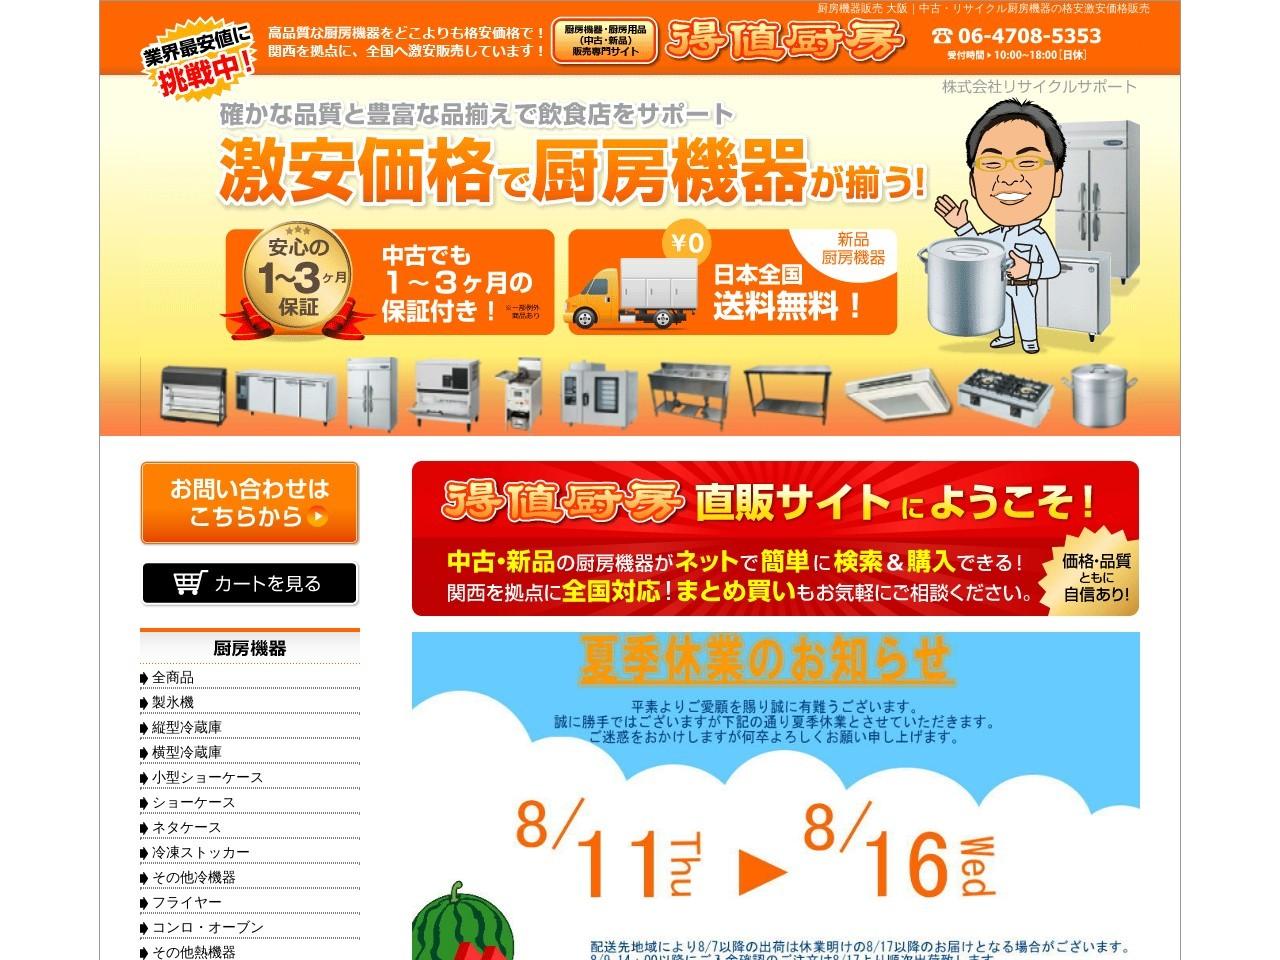 得値厨房リサイクルサポート神戸